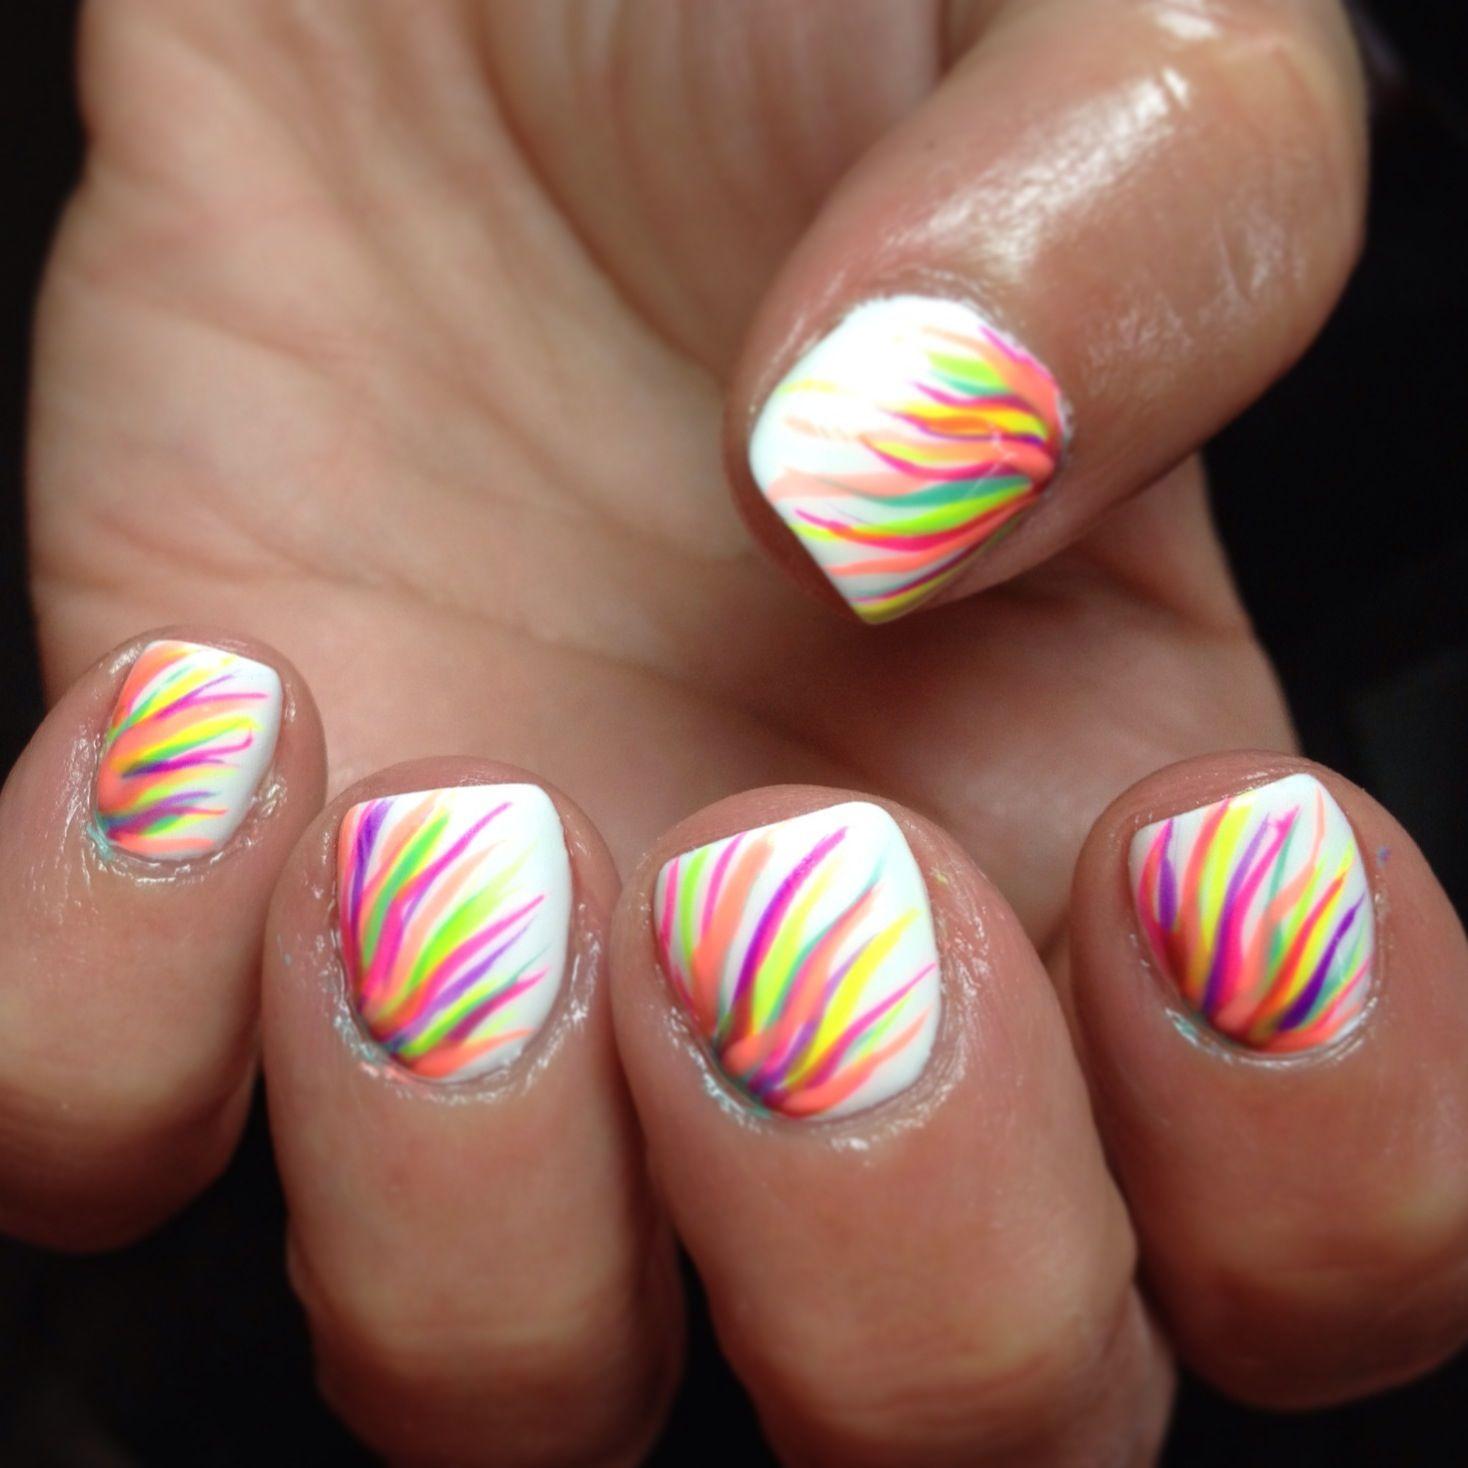 Nails Nail Art White Neon Rainbow Gelish Shellac Cute Summer Bright